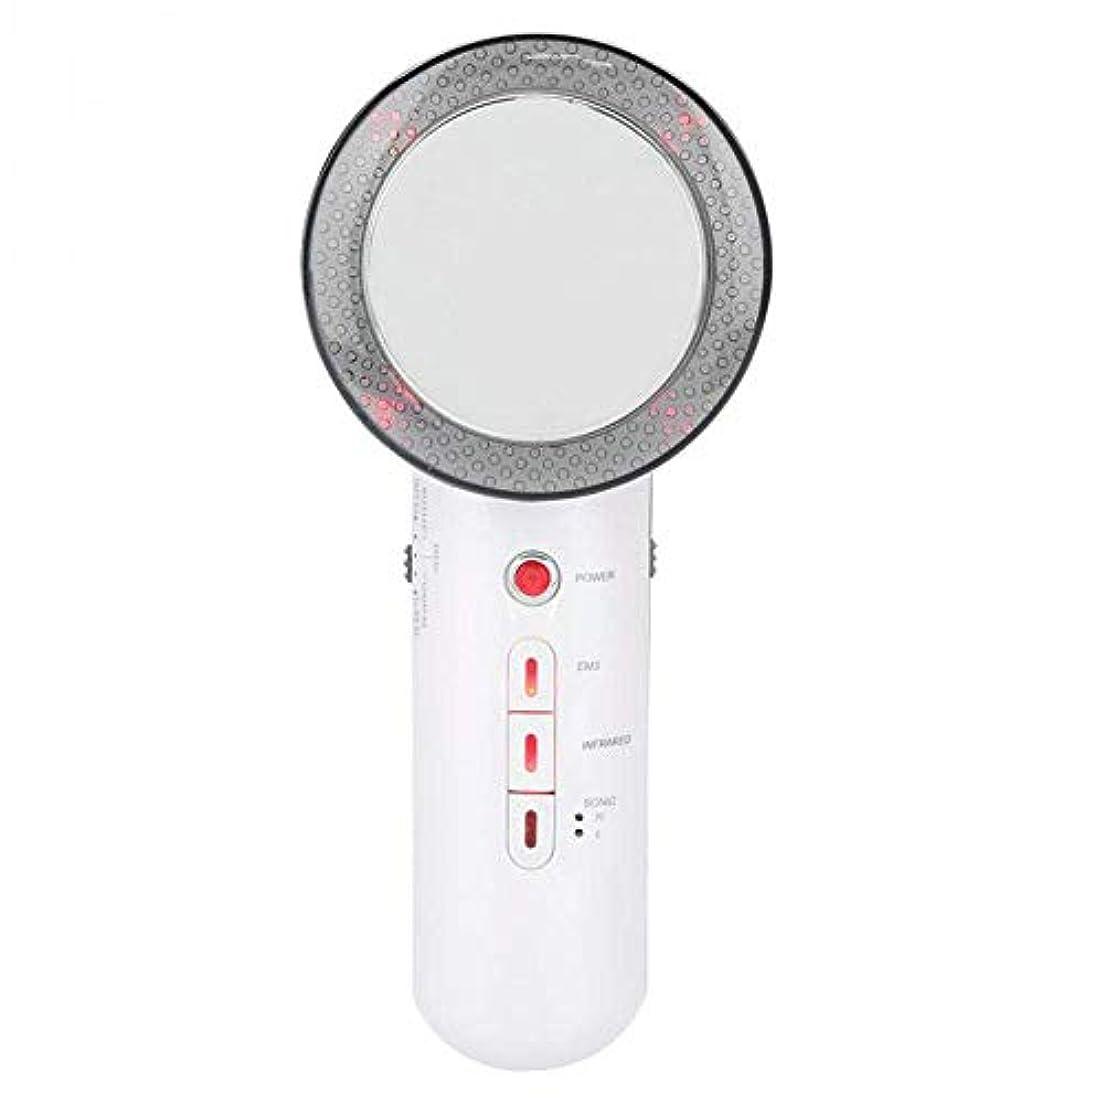 ジャンプする良さ明快Ultrasound Cavitation EMS Body Slimming Massager Weight Loss Lipo Anti Cellulite Fat Burner Galvanic Infrared...